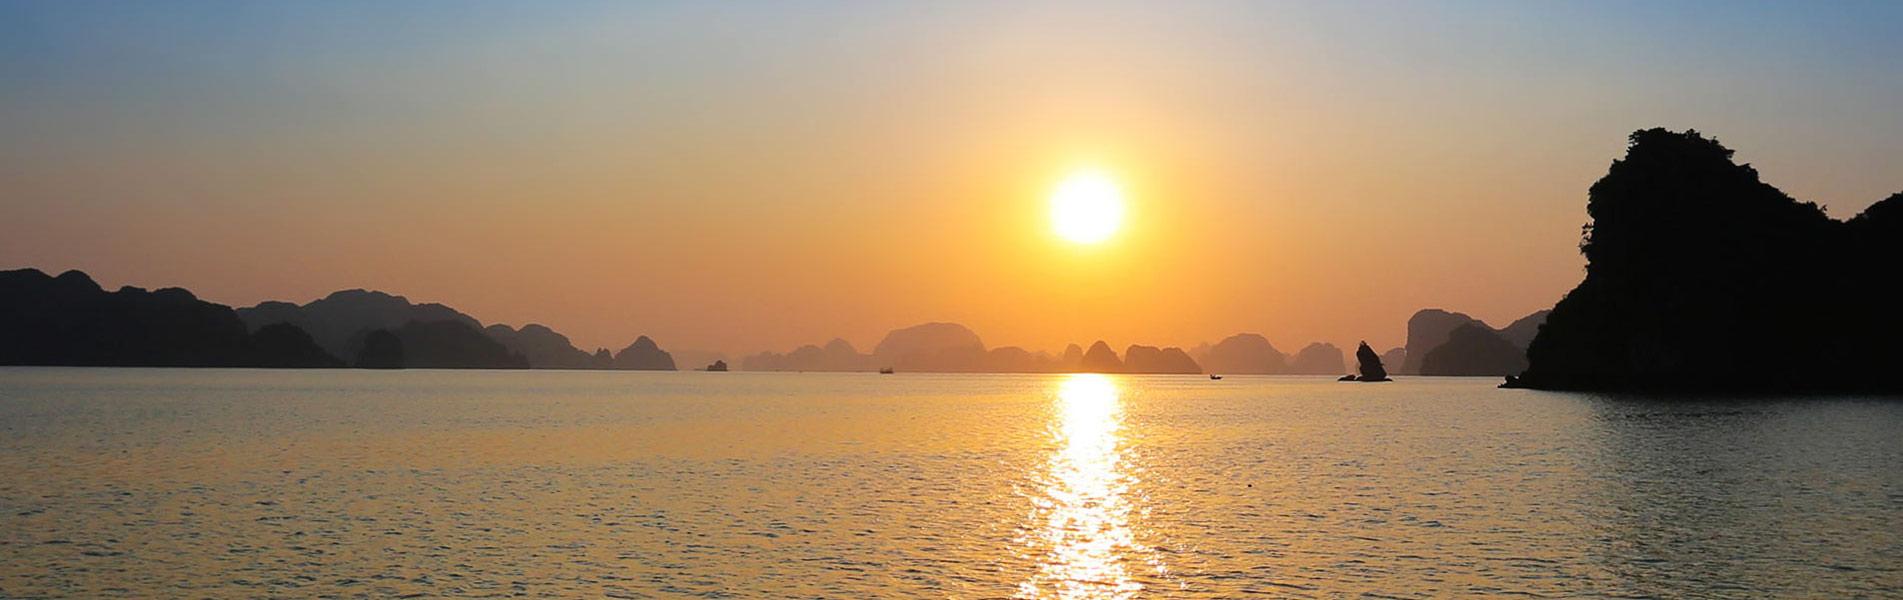 Halong Bay at sunset